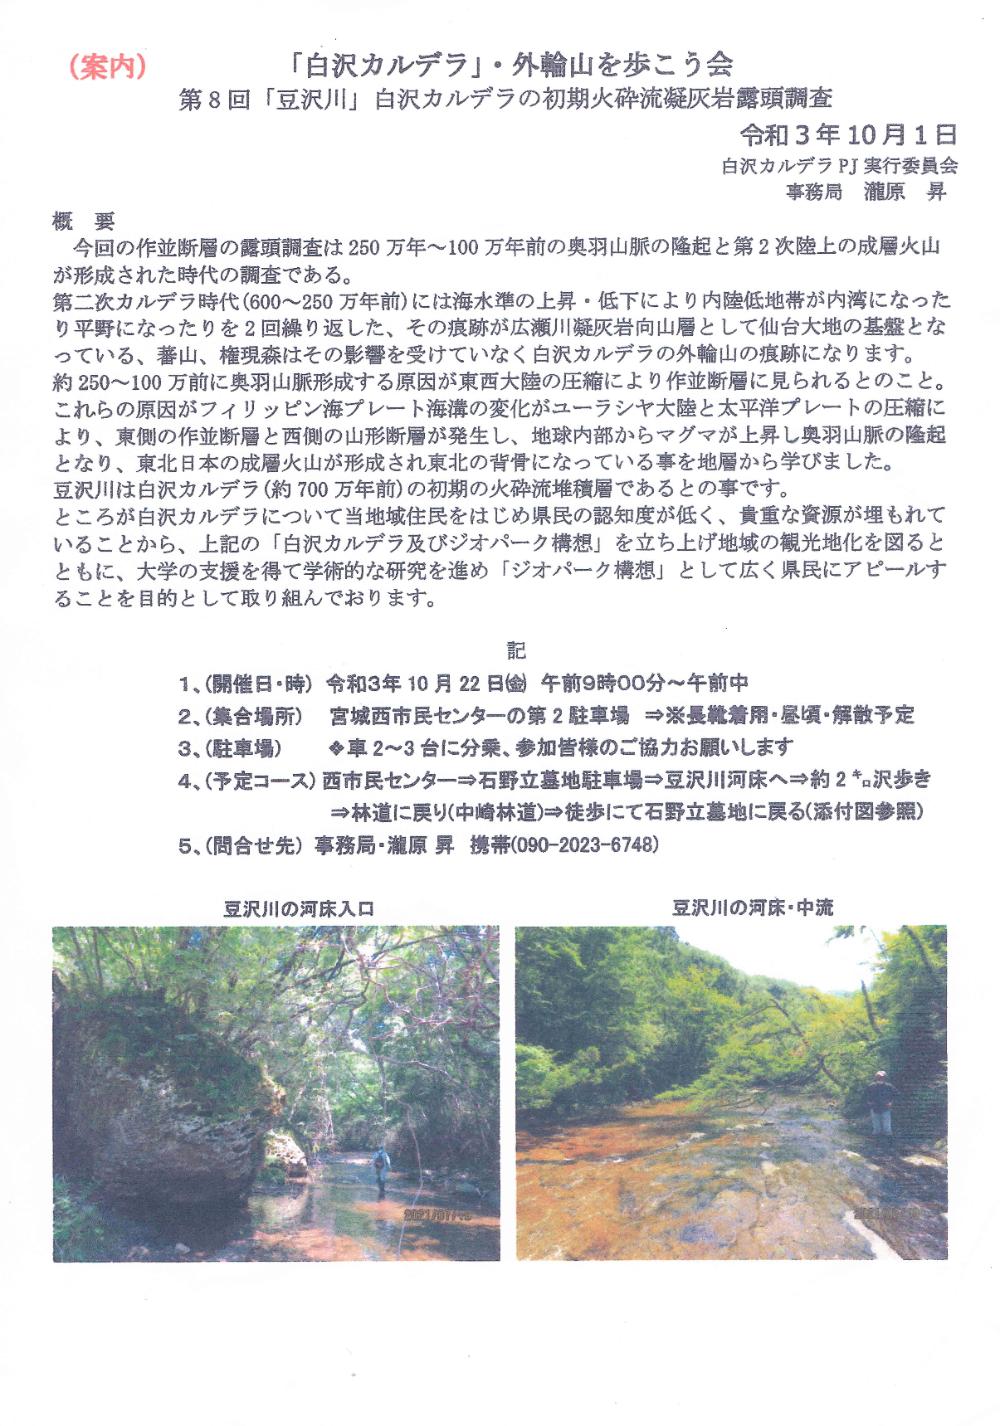 ◆令和3年10月22日(金)「白沢カルデラ」・外輪山を歩こう会_第8回調査